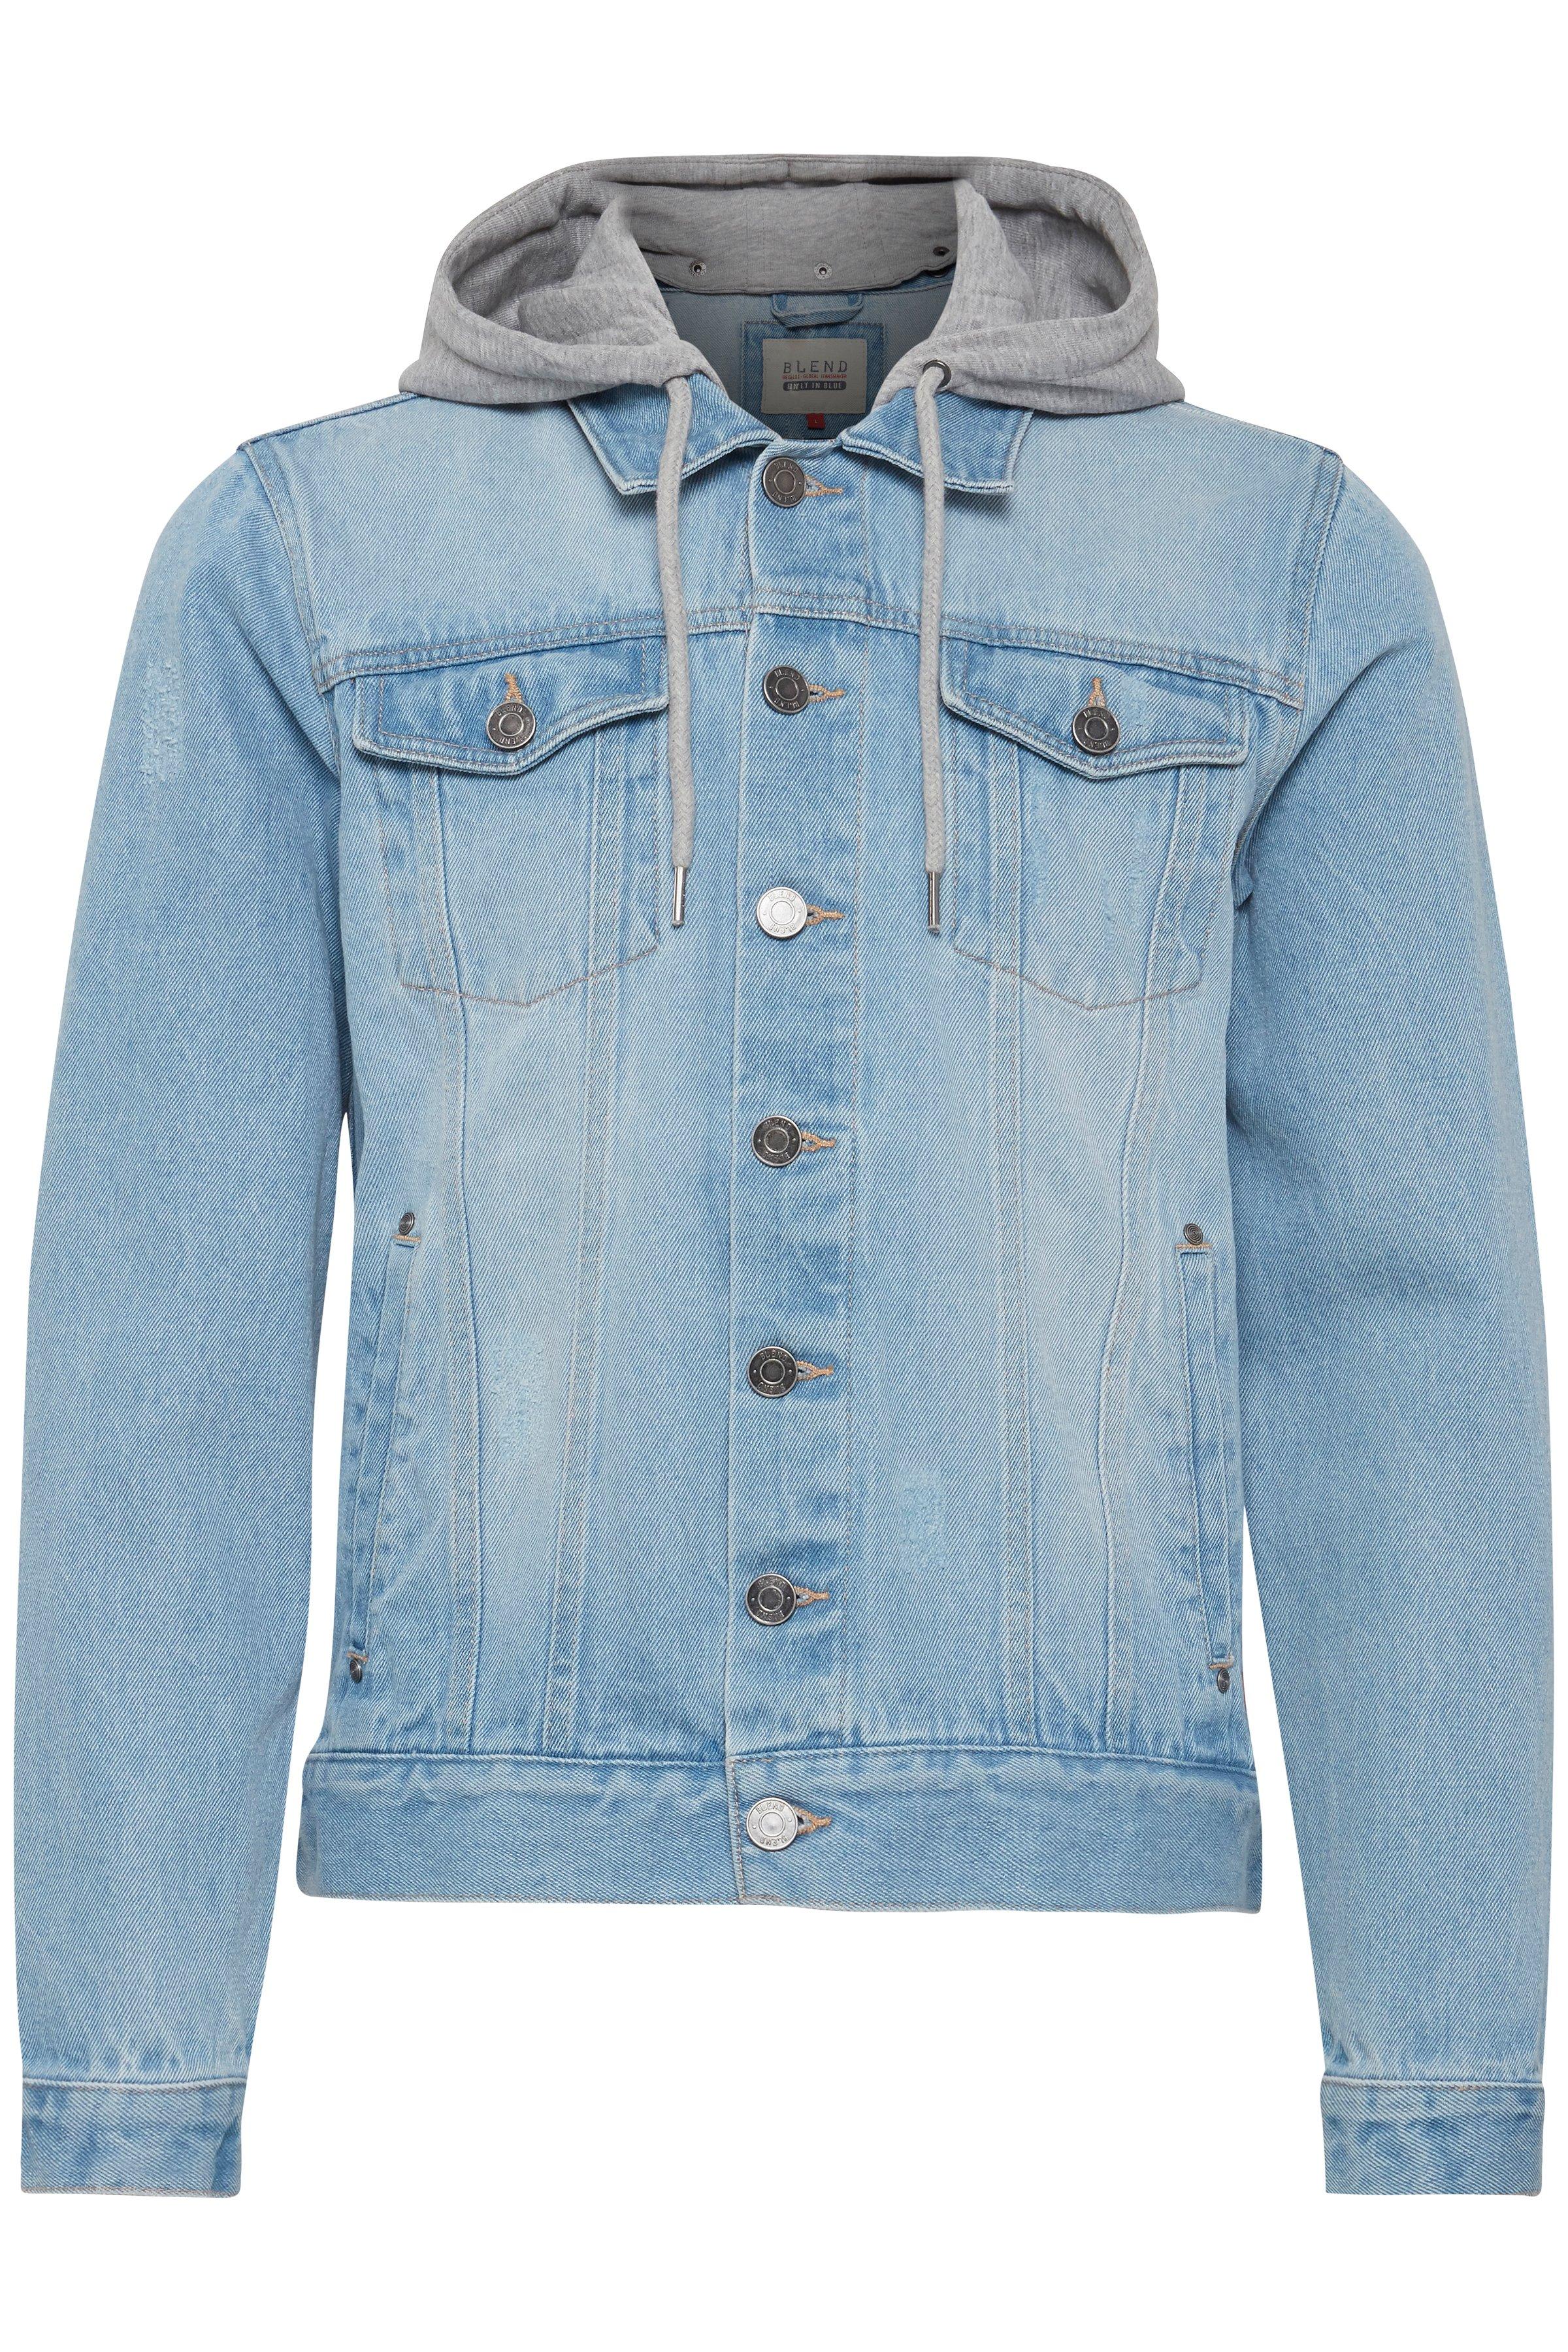 Denim light blue Outerwear fra Blend He – Køb Denim light blue Outerwear fra str. S-XXL her